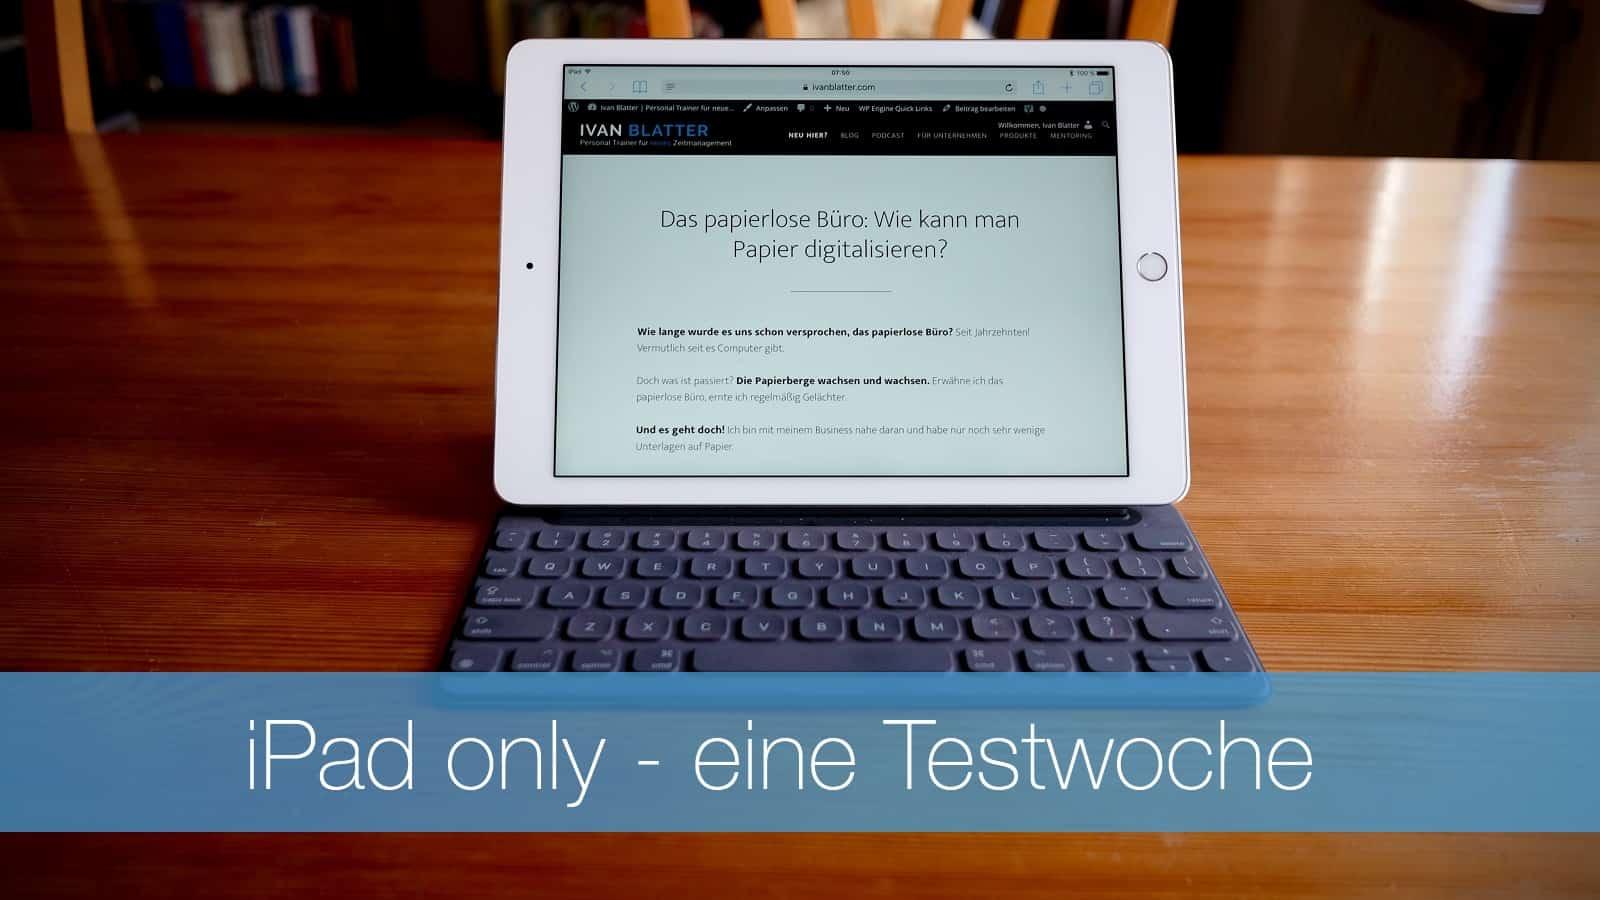 iPad only - eine Testwoche